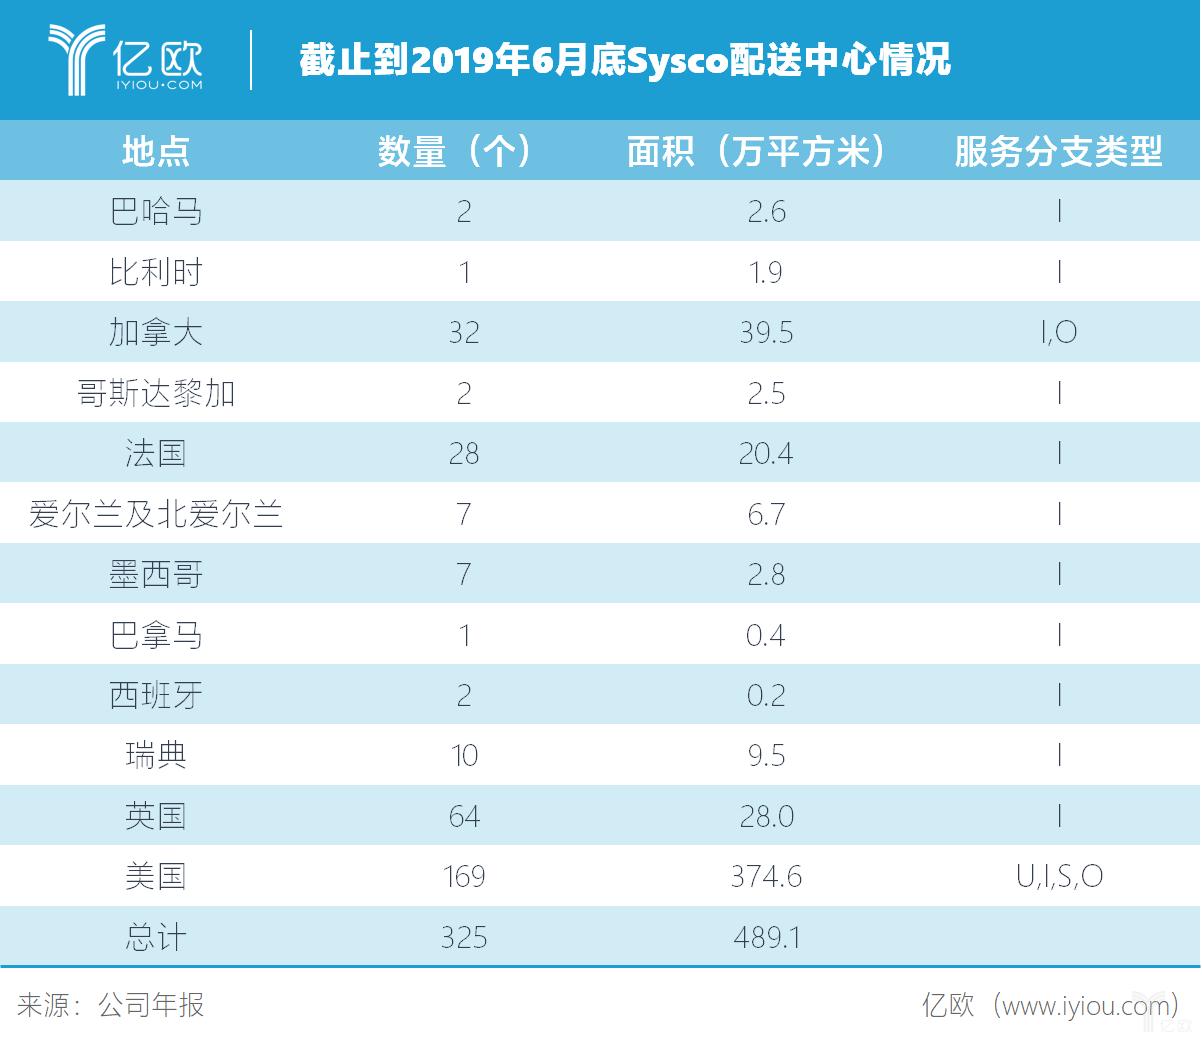 亿欧智库:Sysco配送中心分布情况.png